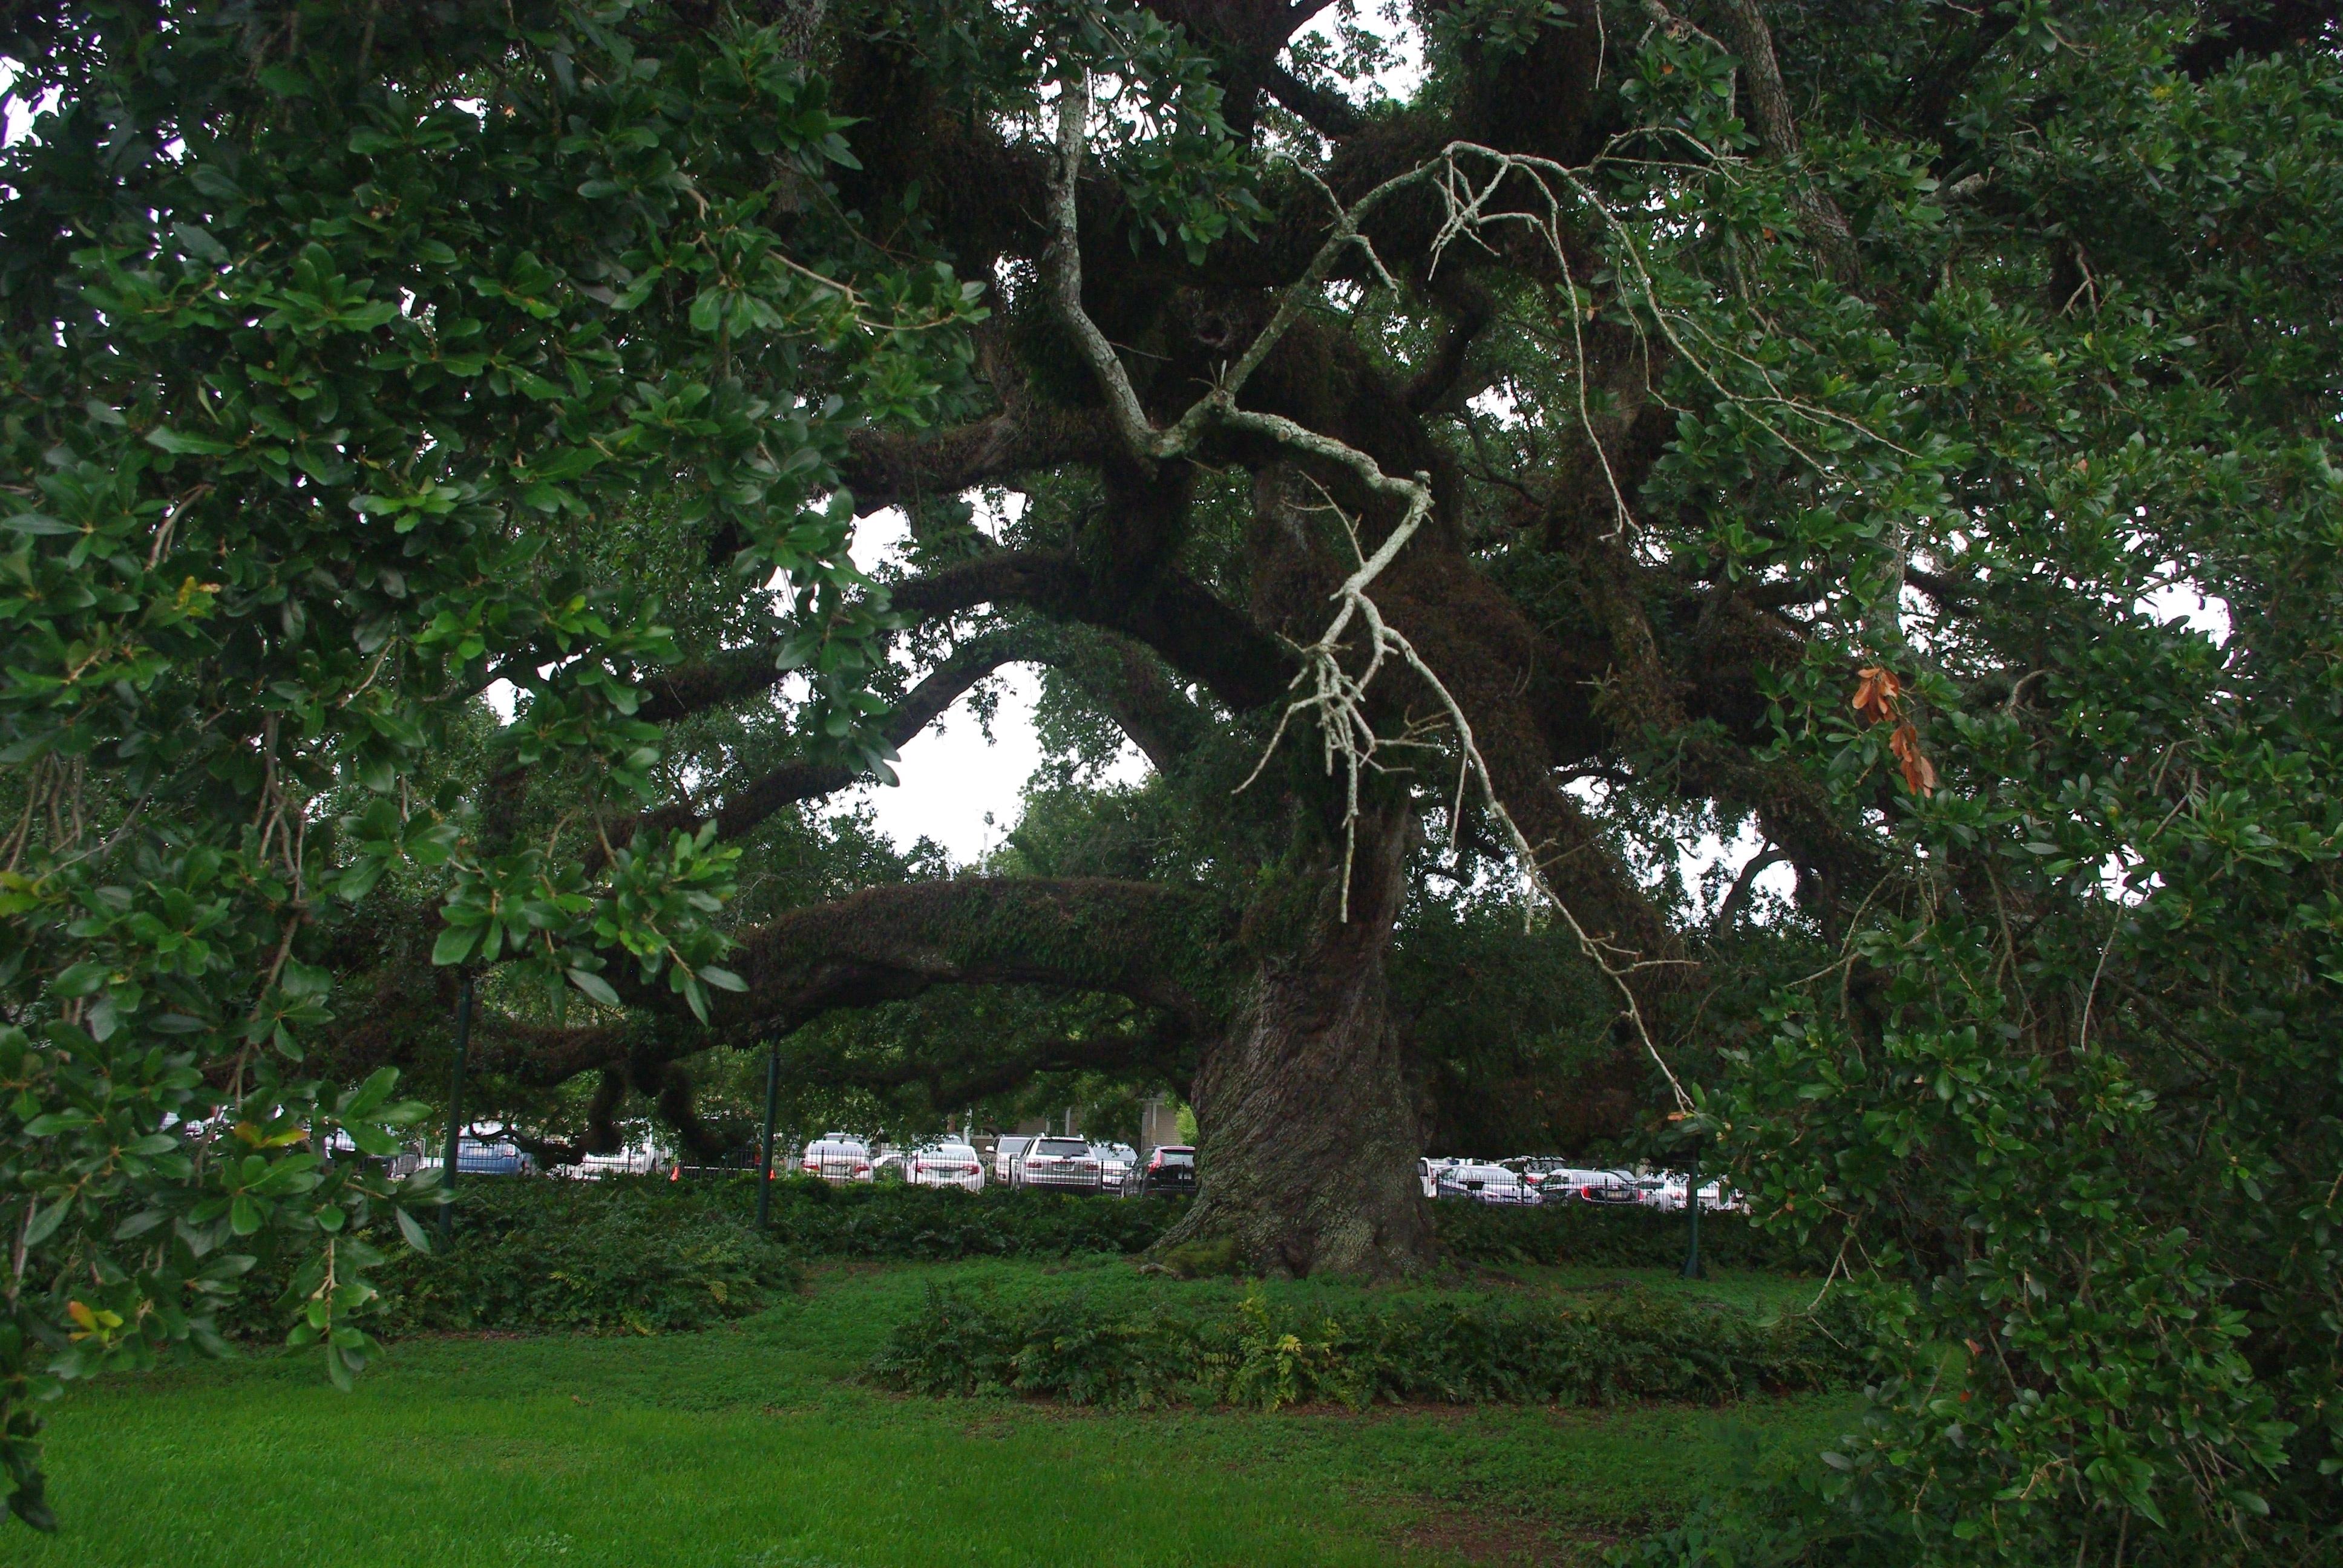 Un chêne de plus de 500 ans au tronc en spirale